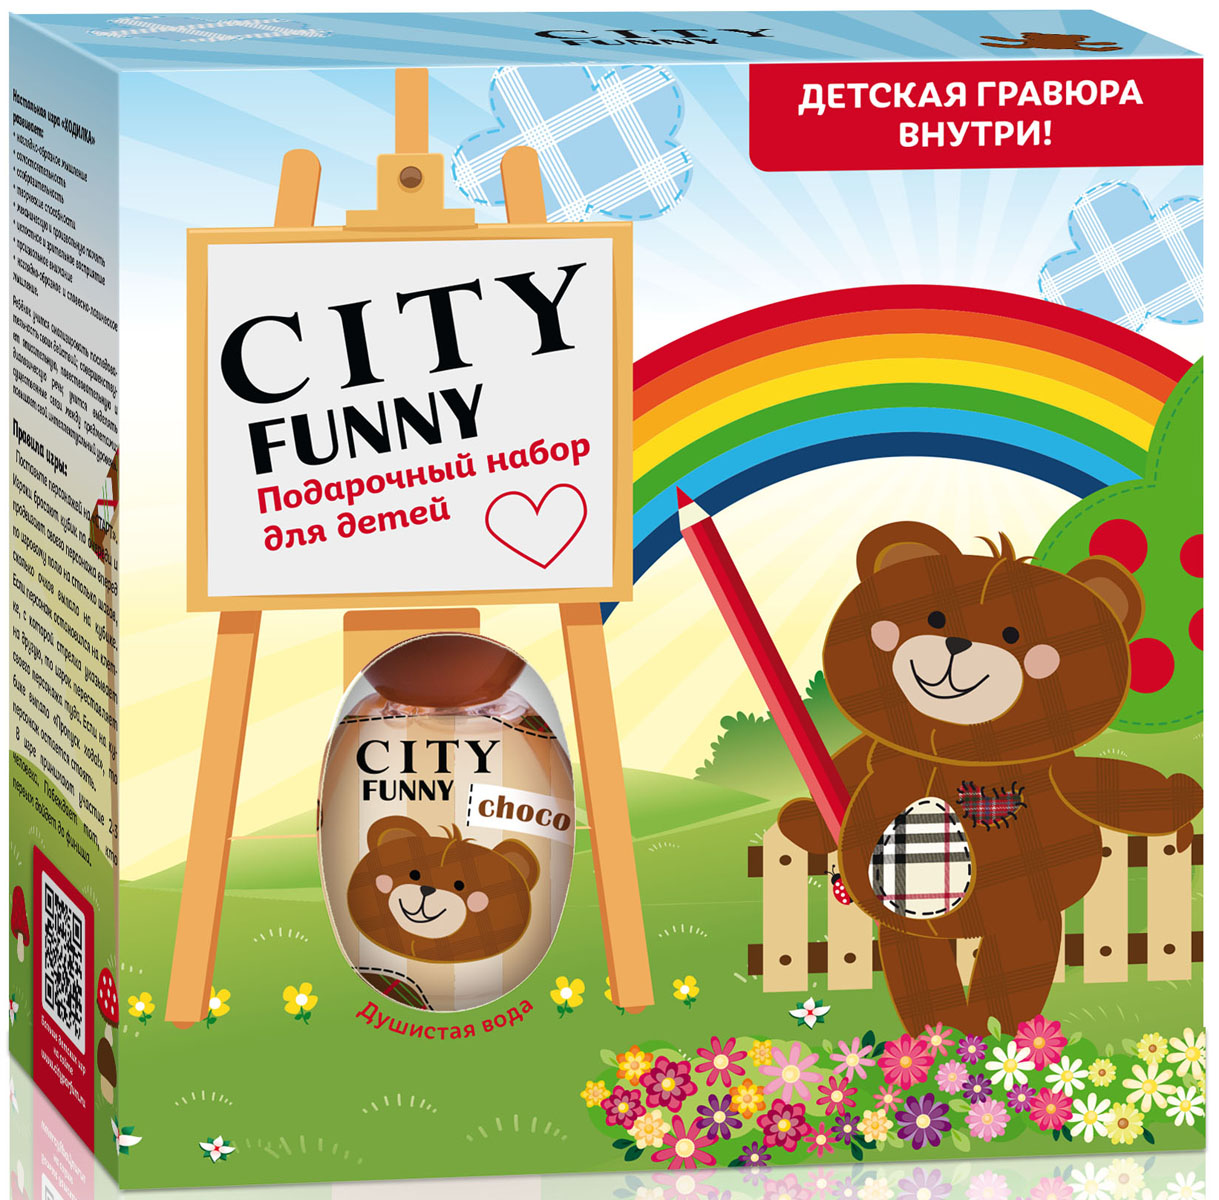 City ParfumПарфюмированный набор:  City Funny Choco Душистая вода, 30 мл + гравюра City Parfum